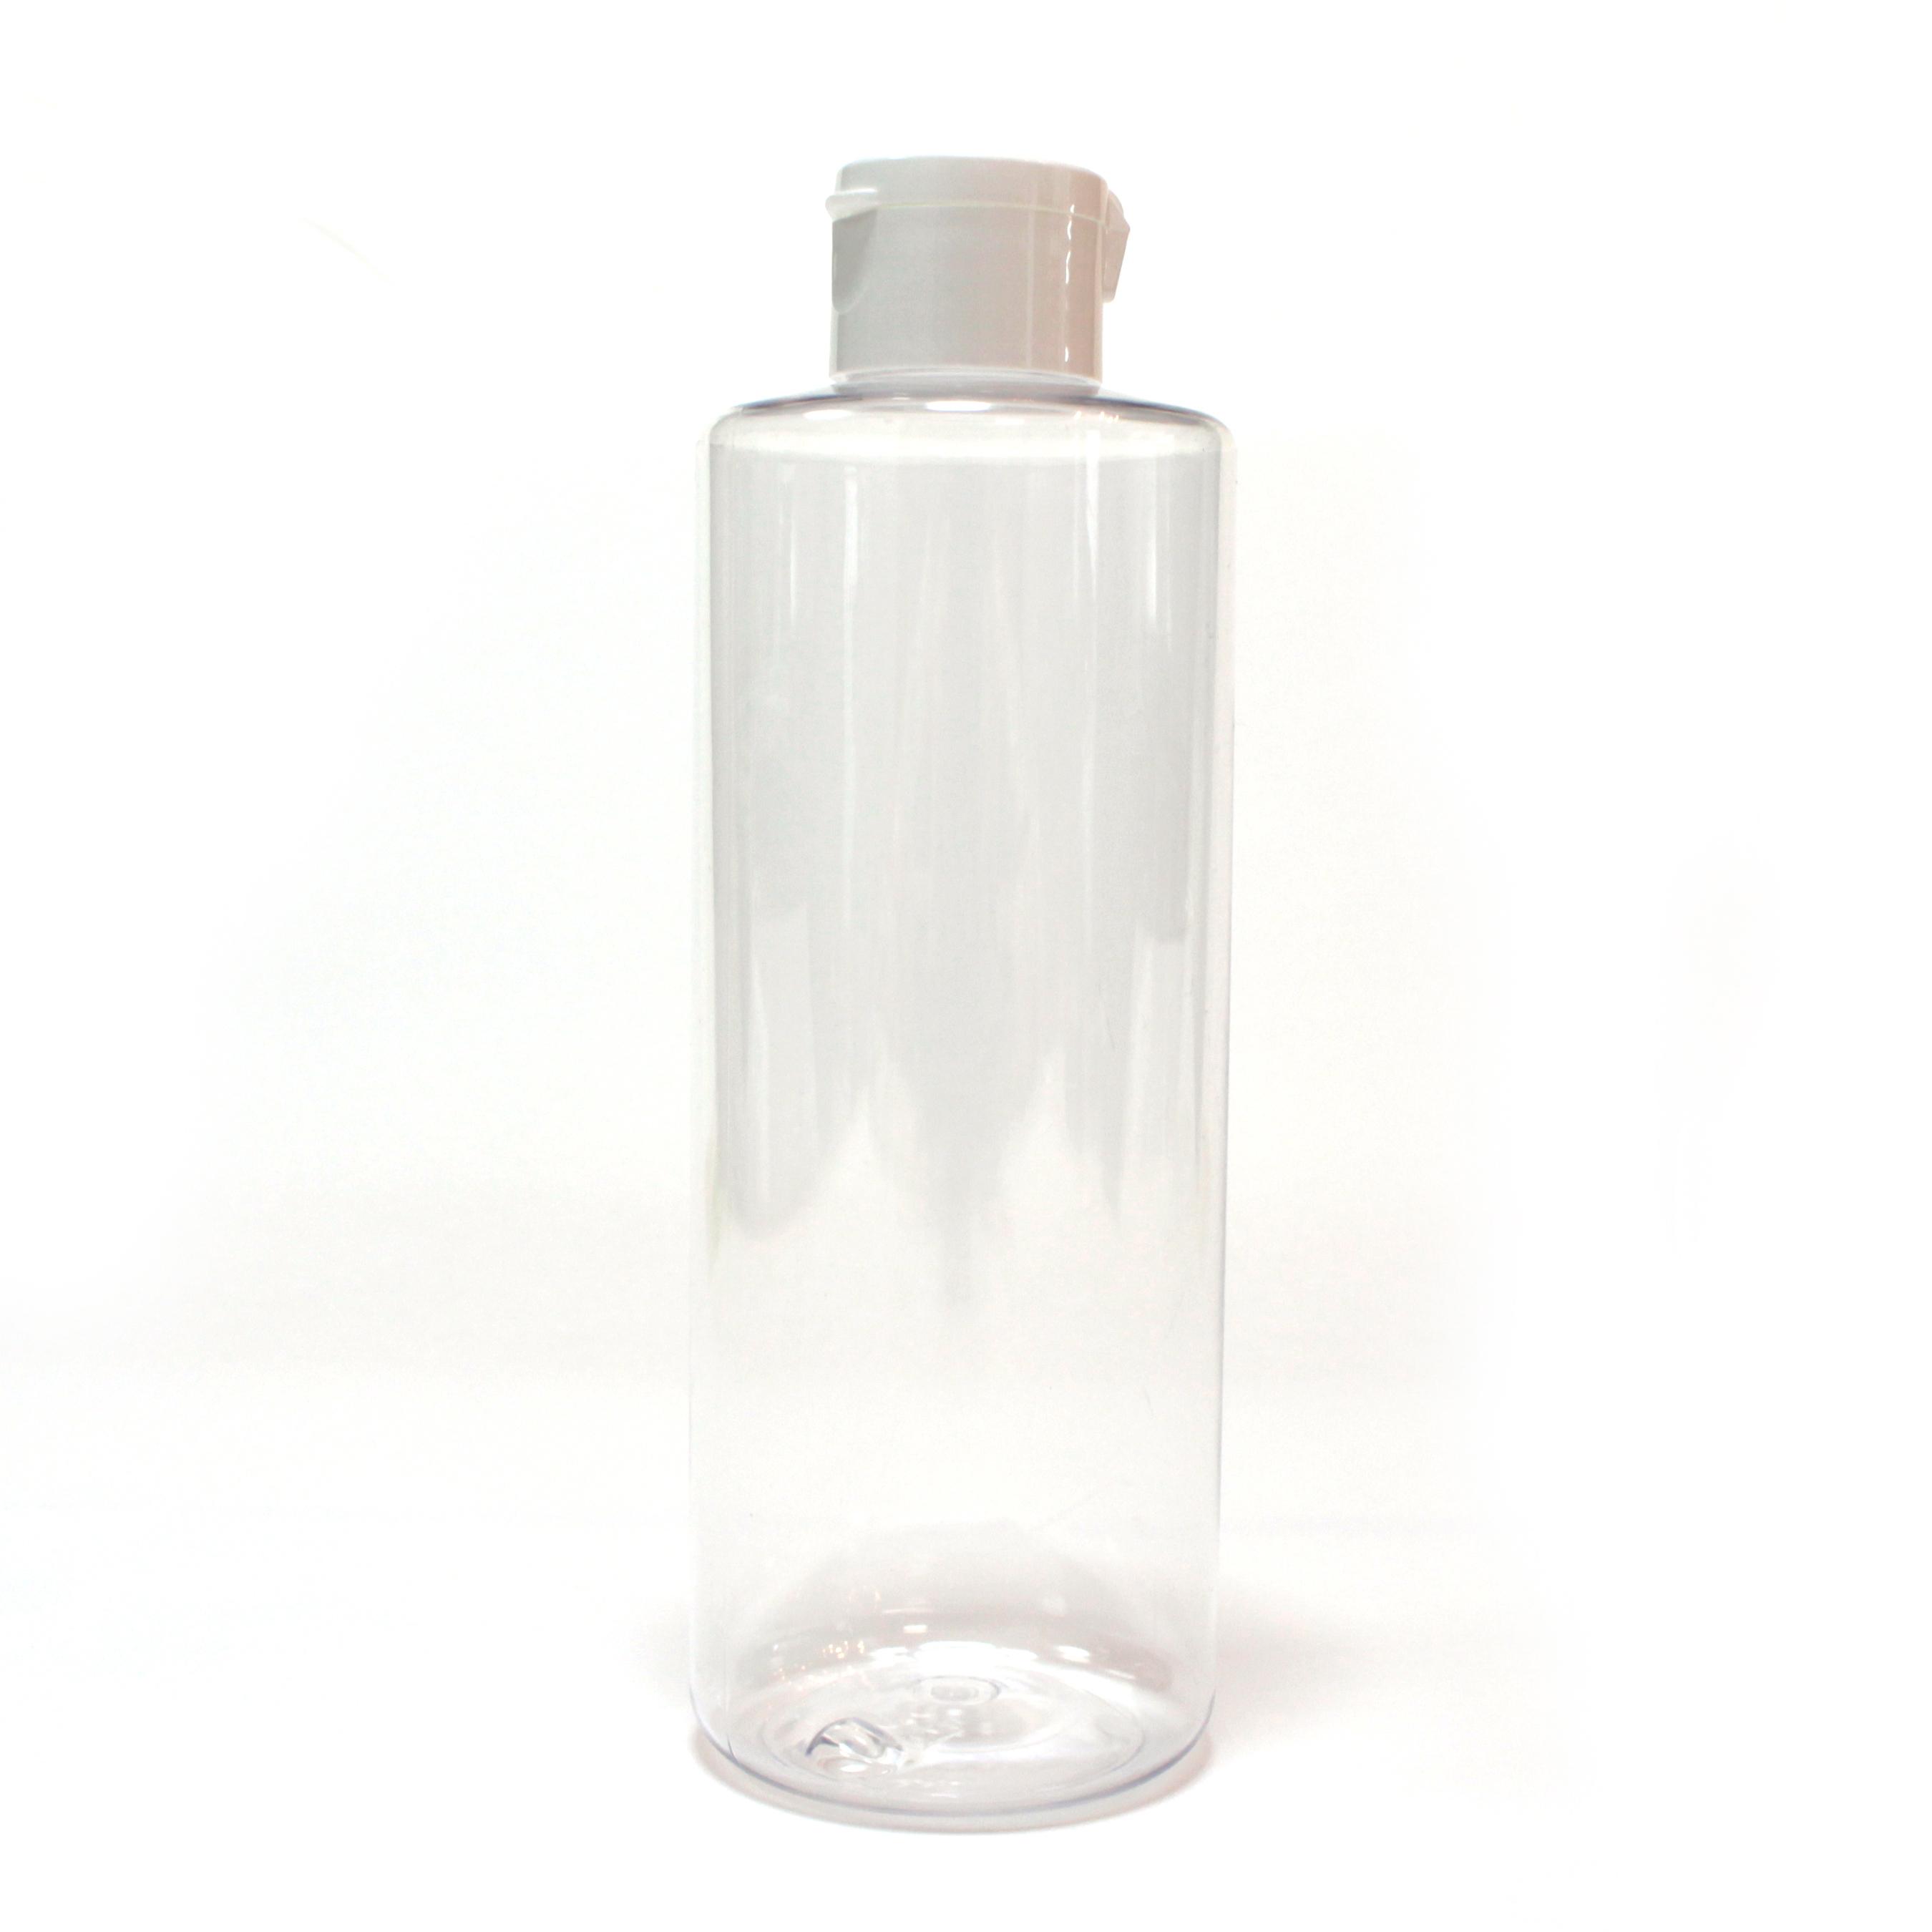 プラスチックワンタッチキャップボトル(クリア) 300ml